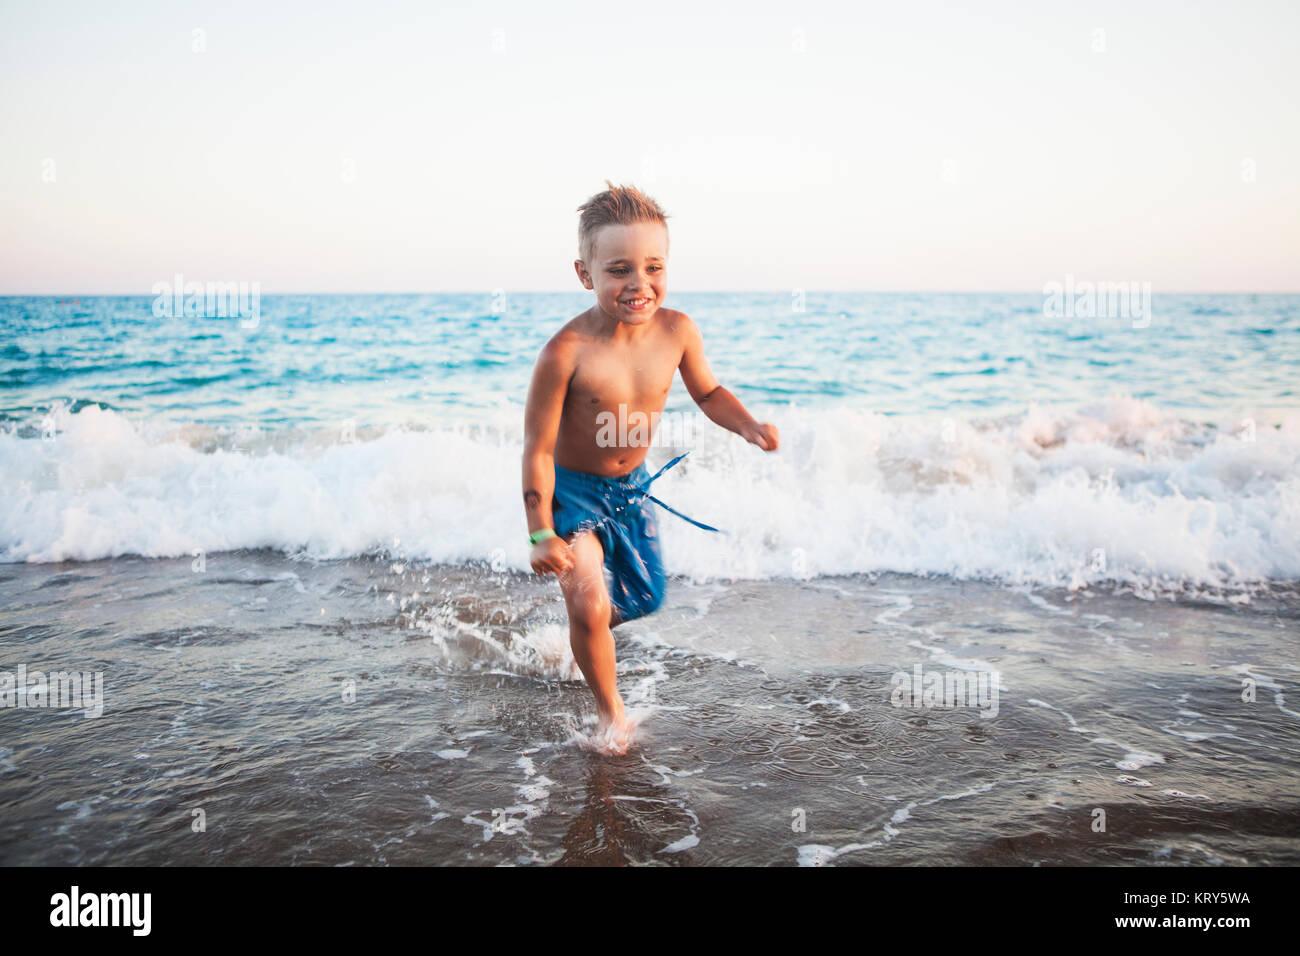 Un jeune garçon jouant dans les vagues sur une plage en Turquie Photo Stock